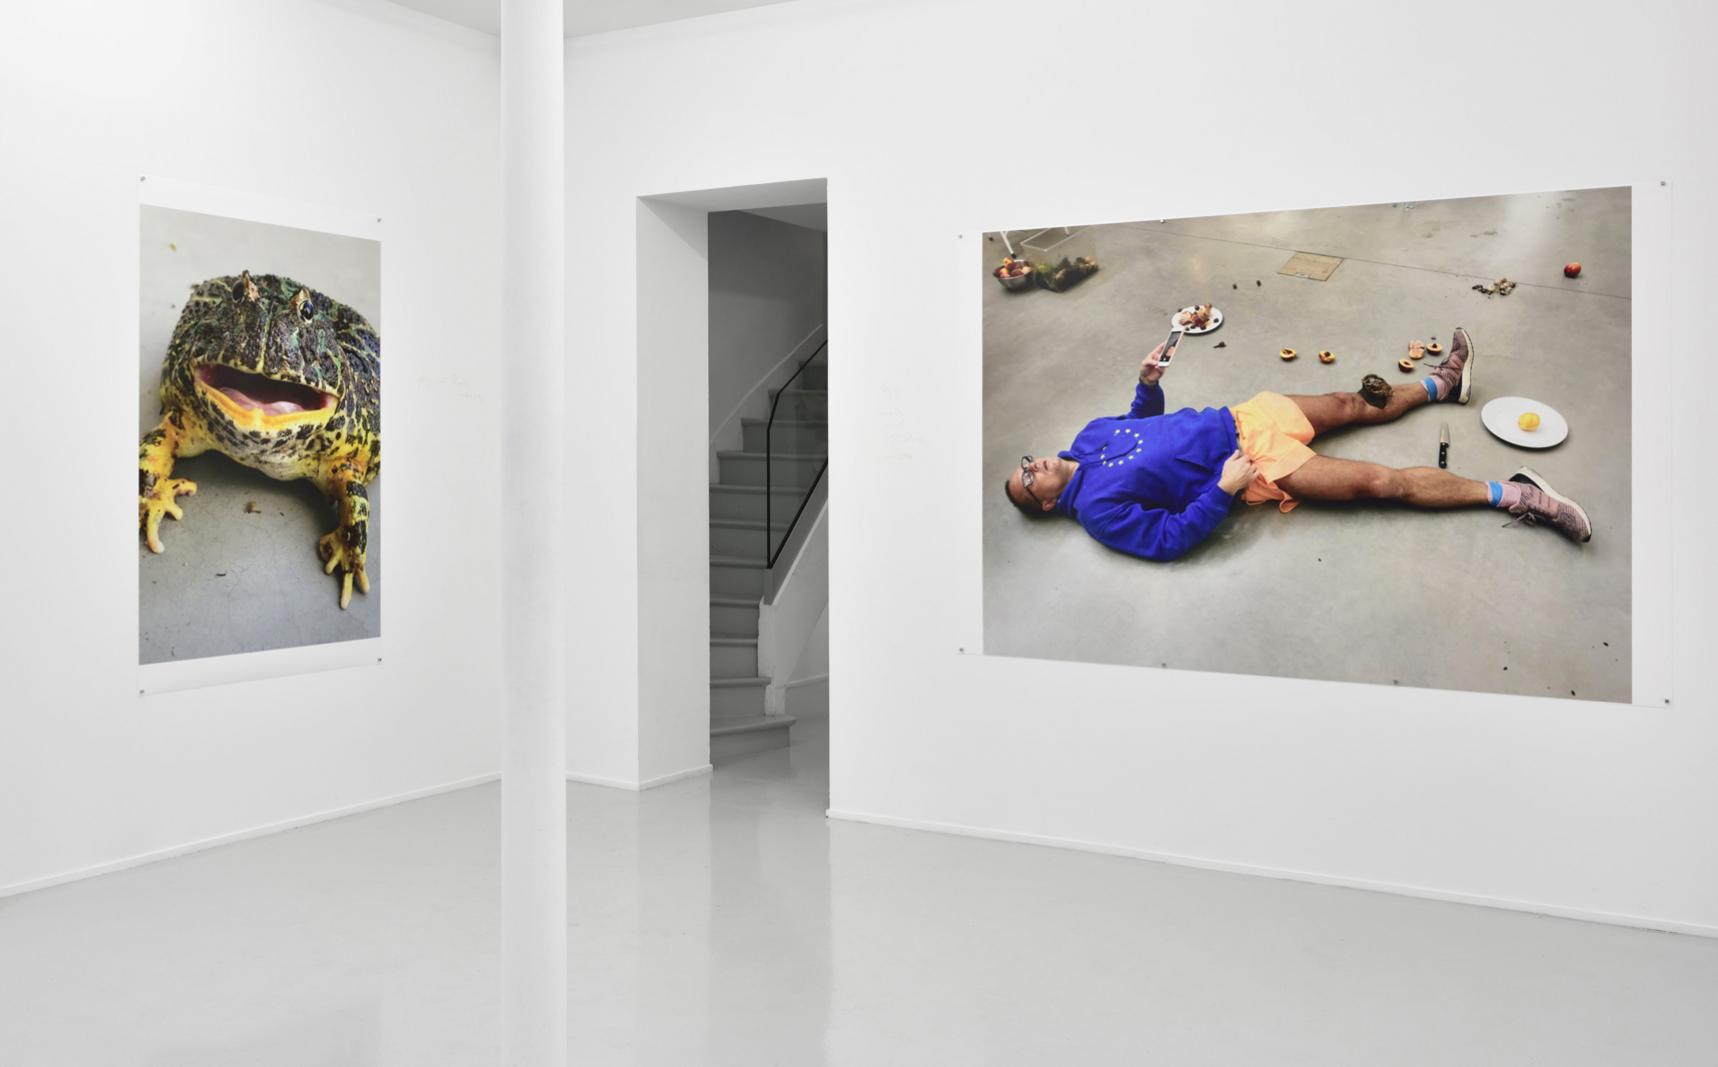 Juergen Teller à la galerie Suzanne Tarasiève en 10 photos